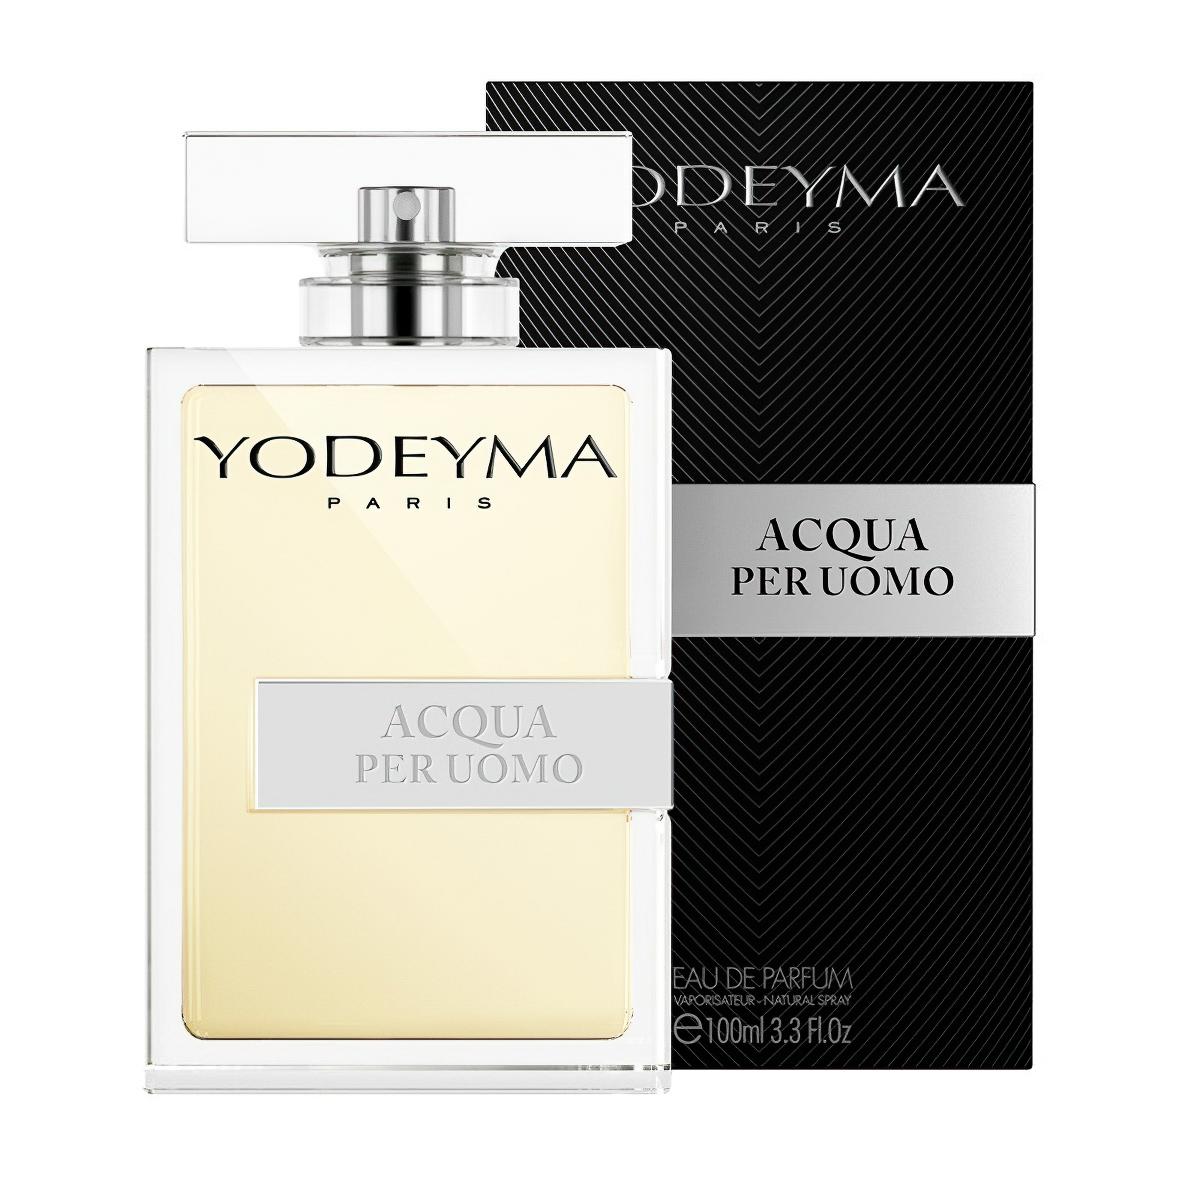 Yodeyma pánský parfém ACQUA PER UOMO Eau de Parfum, chyprová – svěží, 100ml